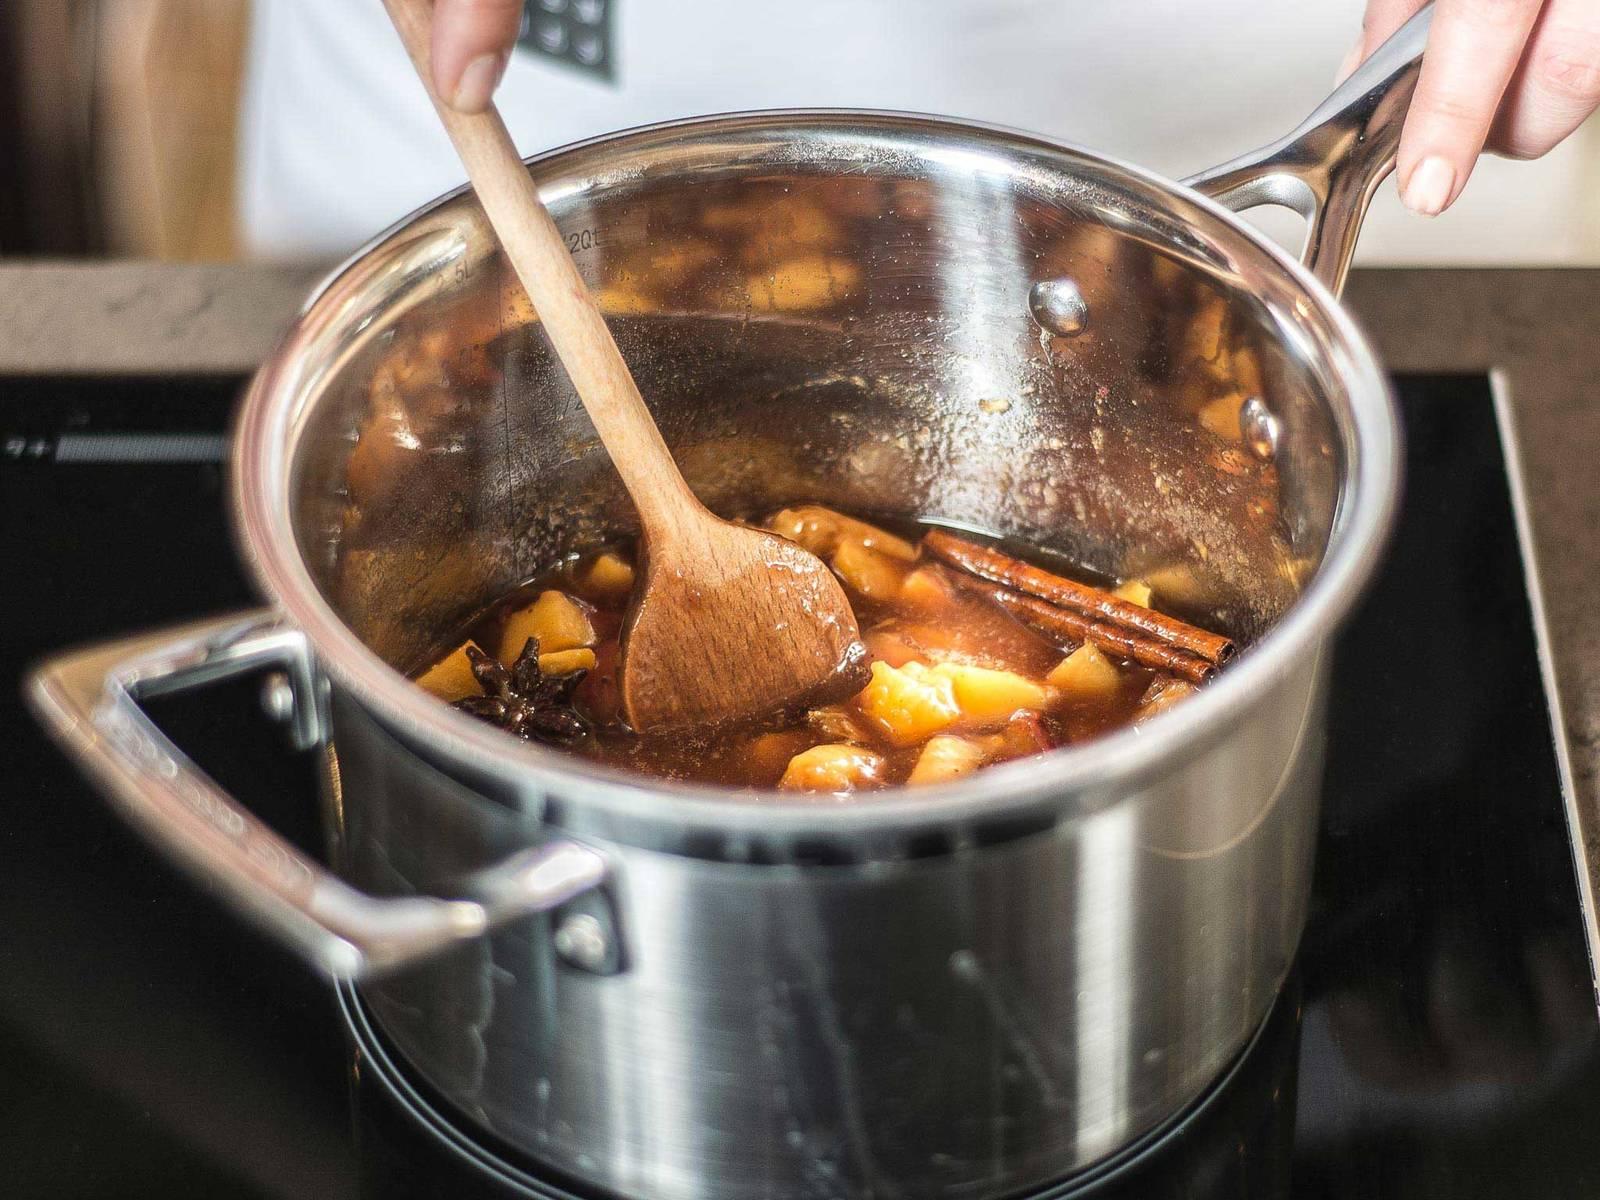 Anschließend alles für ca. 5 Min. auf niedriger Hitze einkochen lassen. Zum Servieren das Kompott in Servierschalen füllen und obenauf die leicht abgekühlten Streusel verteilen. Wahlweise mit Schlagsahne servieren.